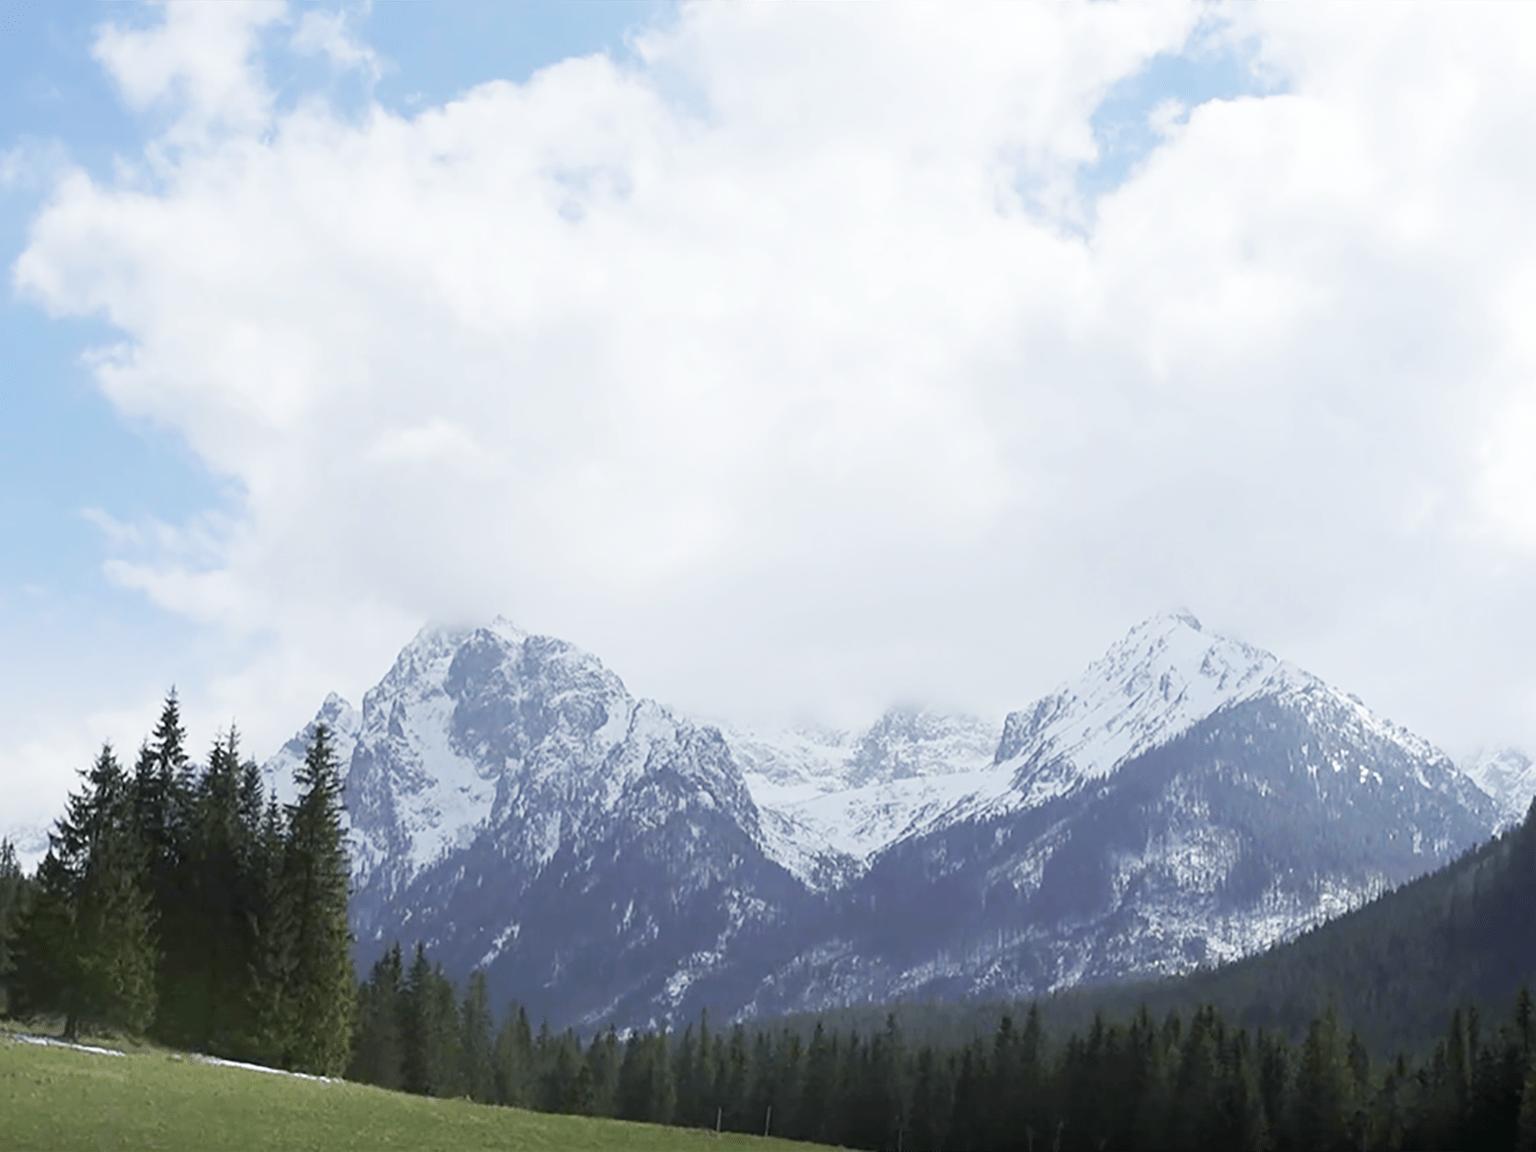 Brother Earth munți cu nori